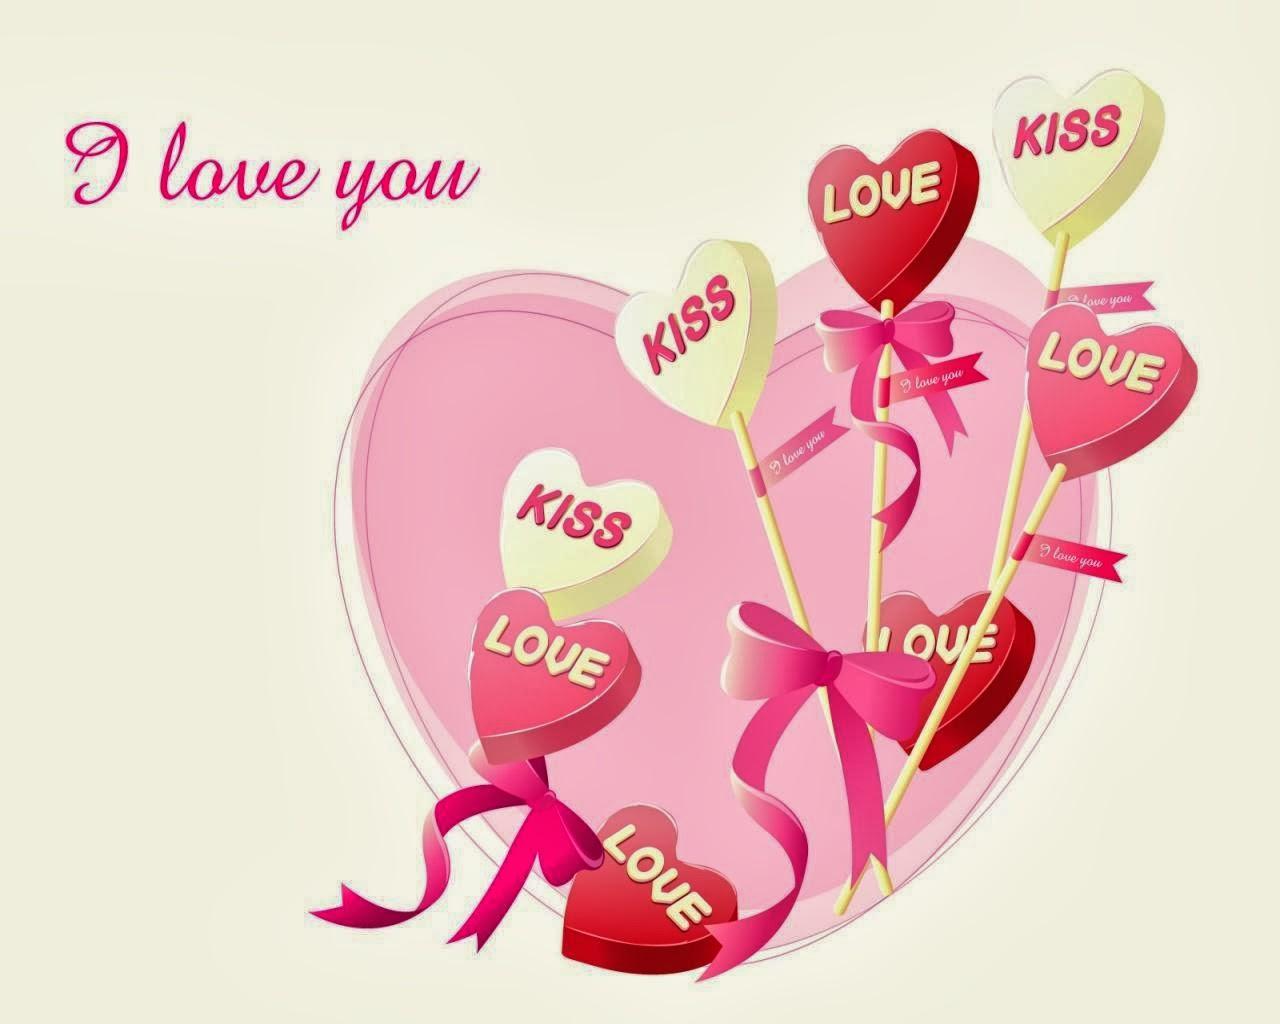 Kata Kata Bijak Cinta Kata-kata mutiara indah cinta